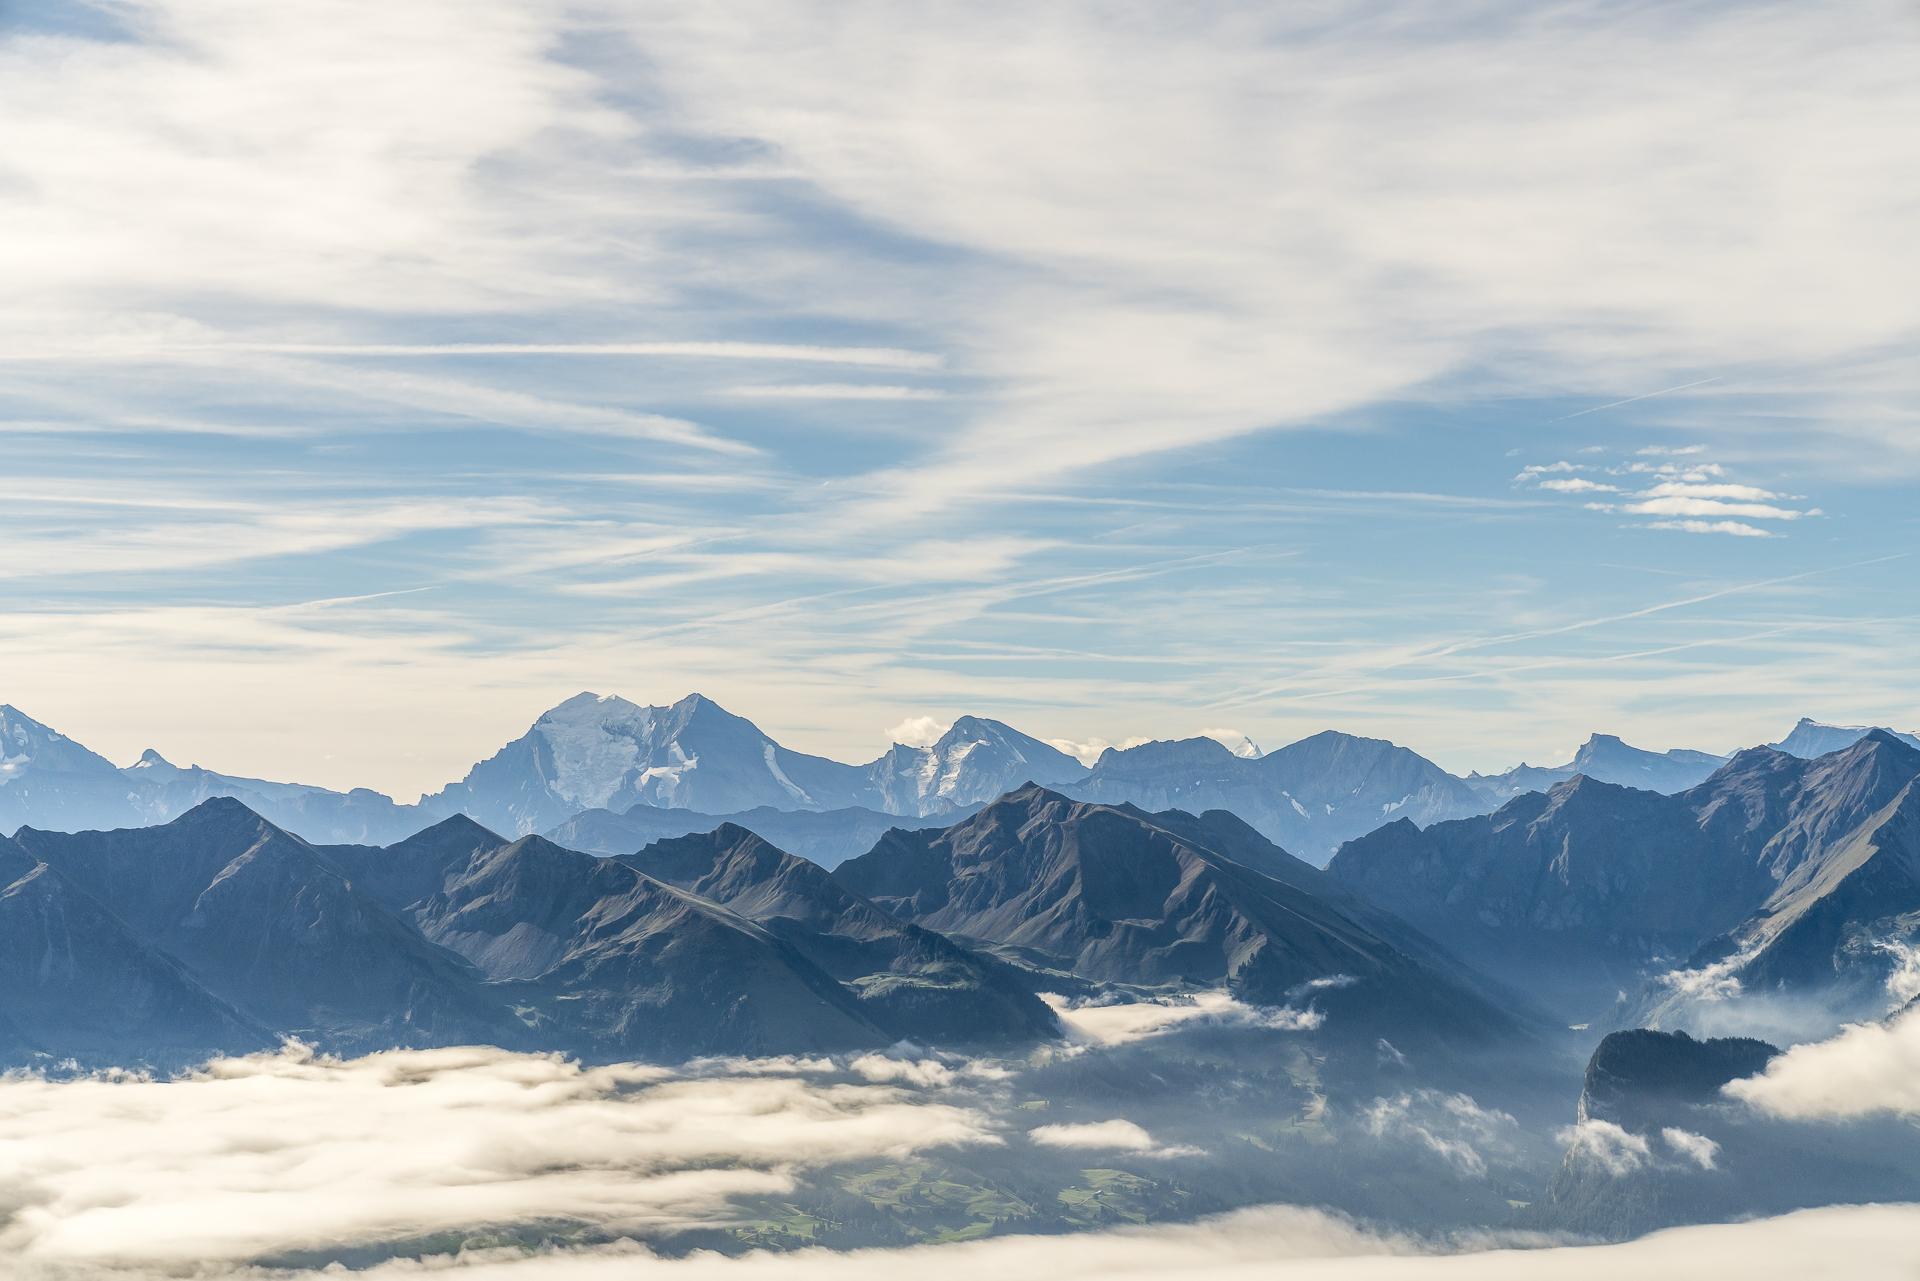 Stockhorn Aussicht Eiger Mönch Jungfrau